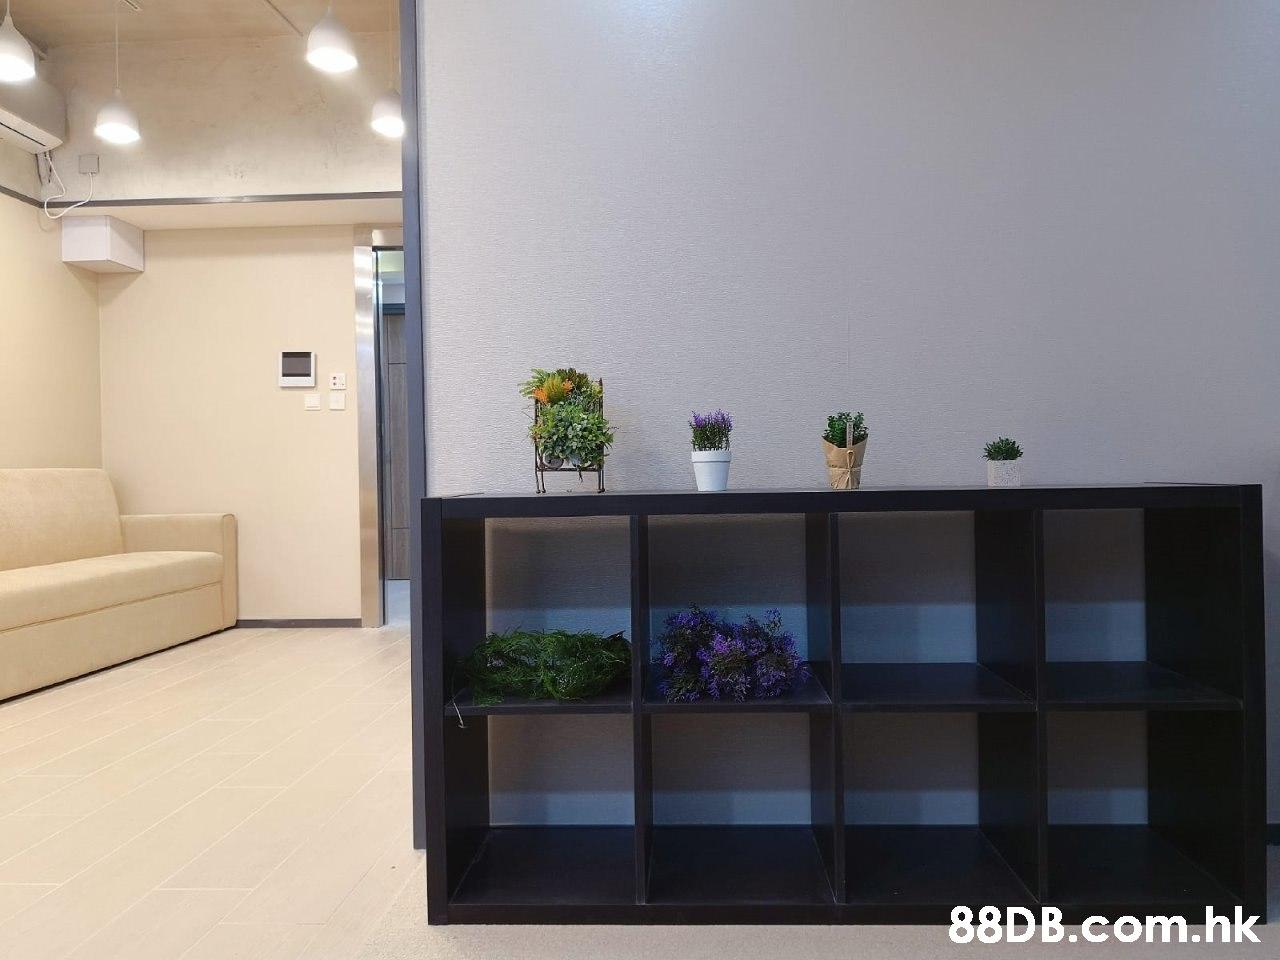 .hk  Property,Room,Interior design,Furniture,Building